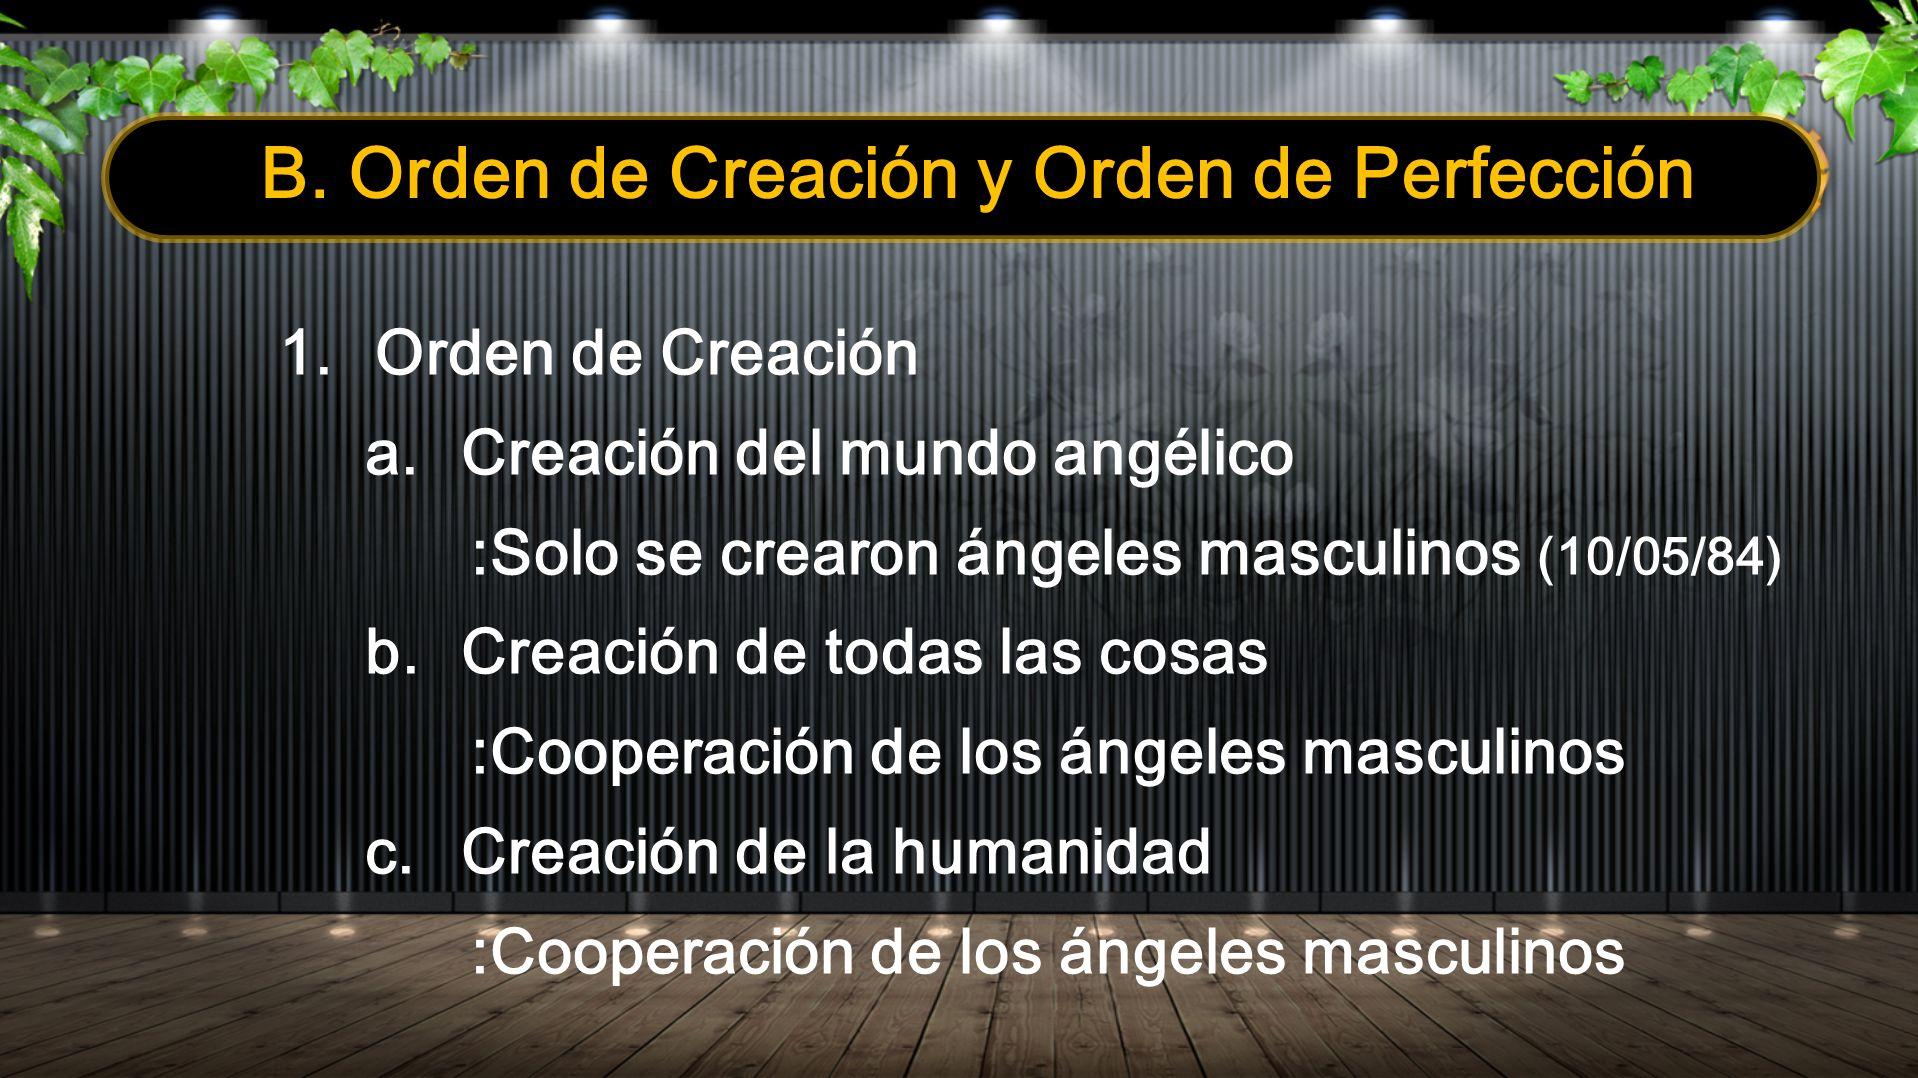 B. Orden de Creación y Orden de Perfección 1.Orden de Creación a. Creación del mundo angélico :Solo se crearon ángeles masculinos (10/05/84) b.Creació